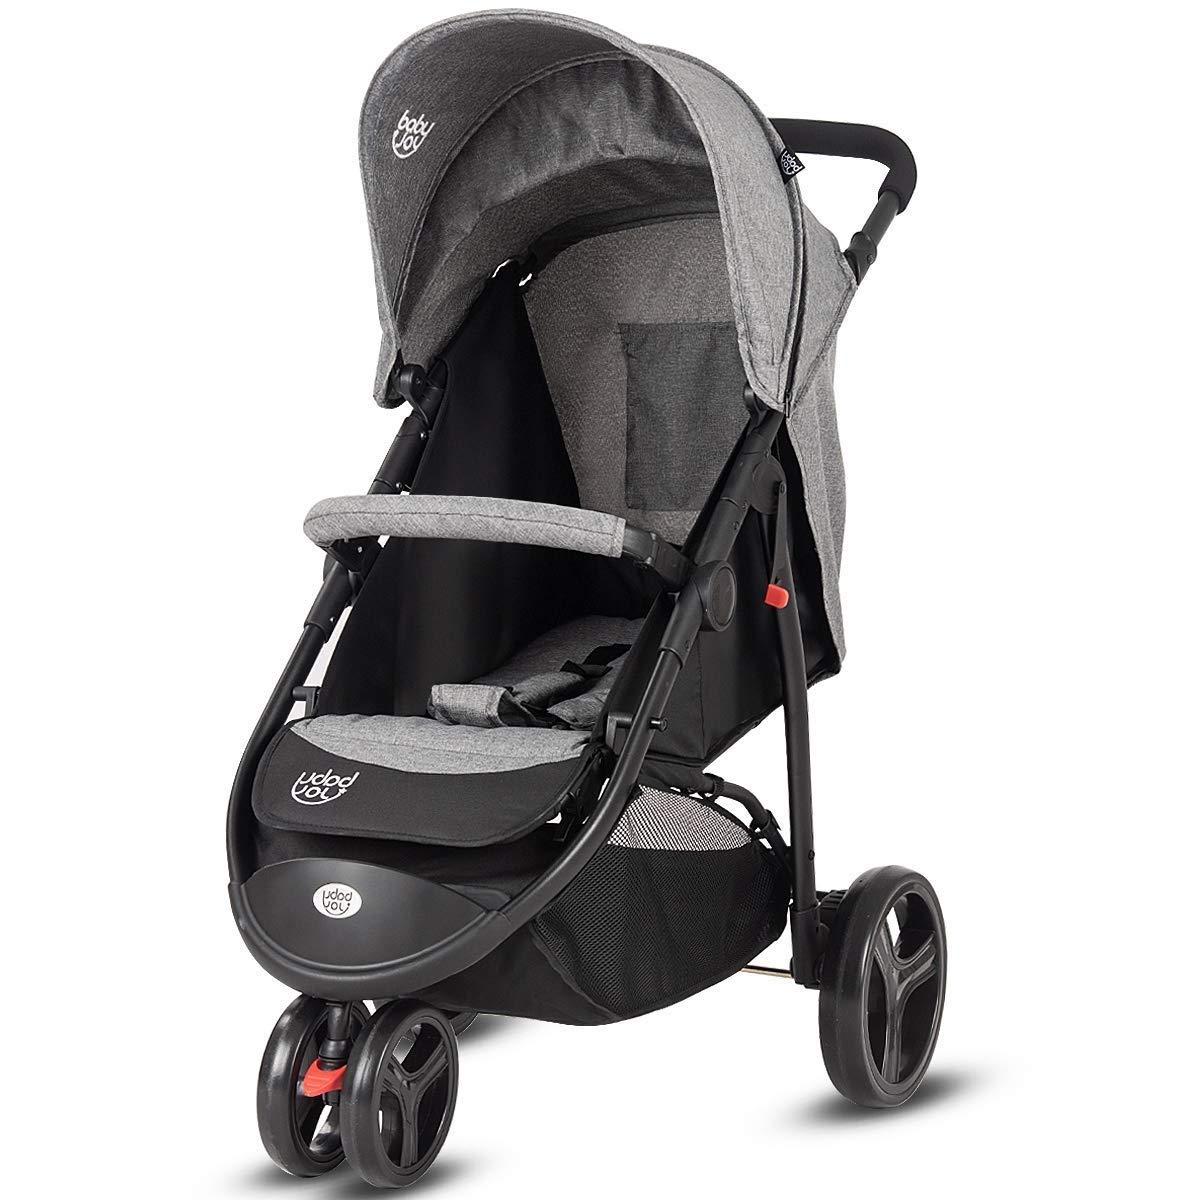 HONEY JOY Baby Jogger Stroller, Infant Travel Portable Jogging Stroller, Folding Pushchair w/Removable Bar, Wallet Bog, 5-Point Harness, Storage Basket (Gray)